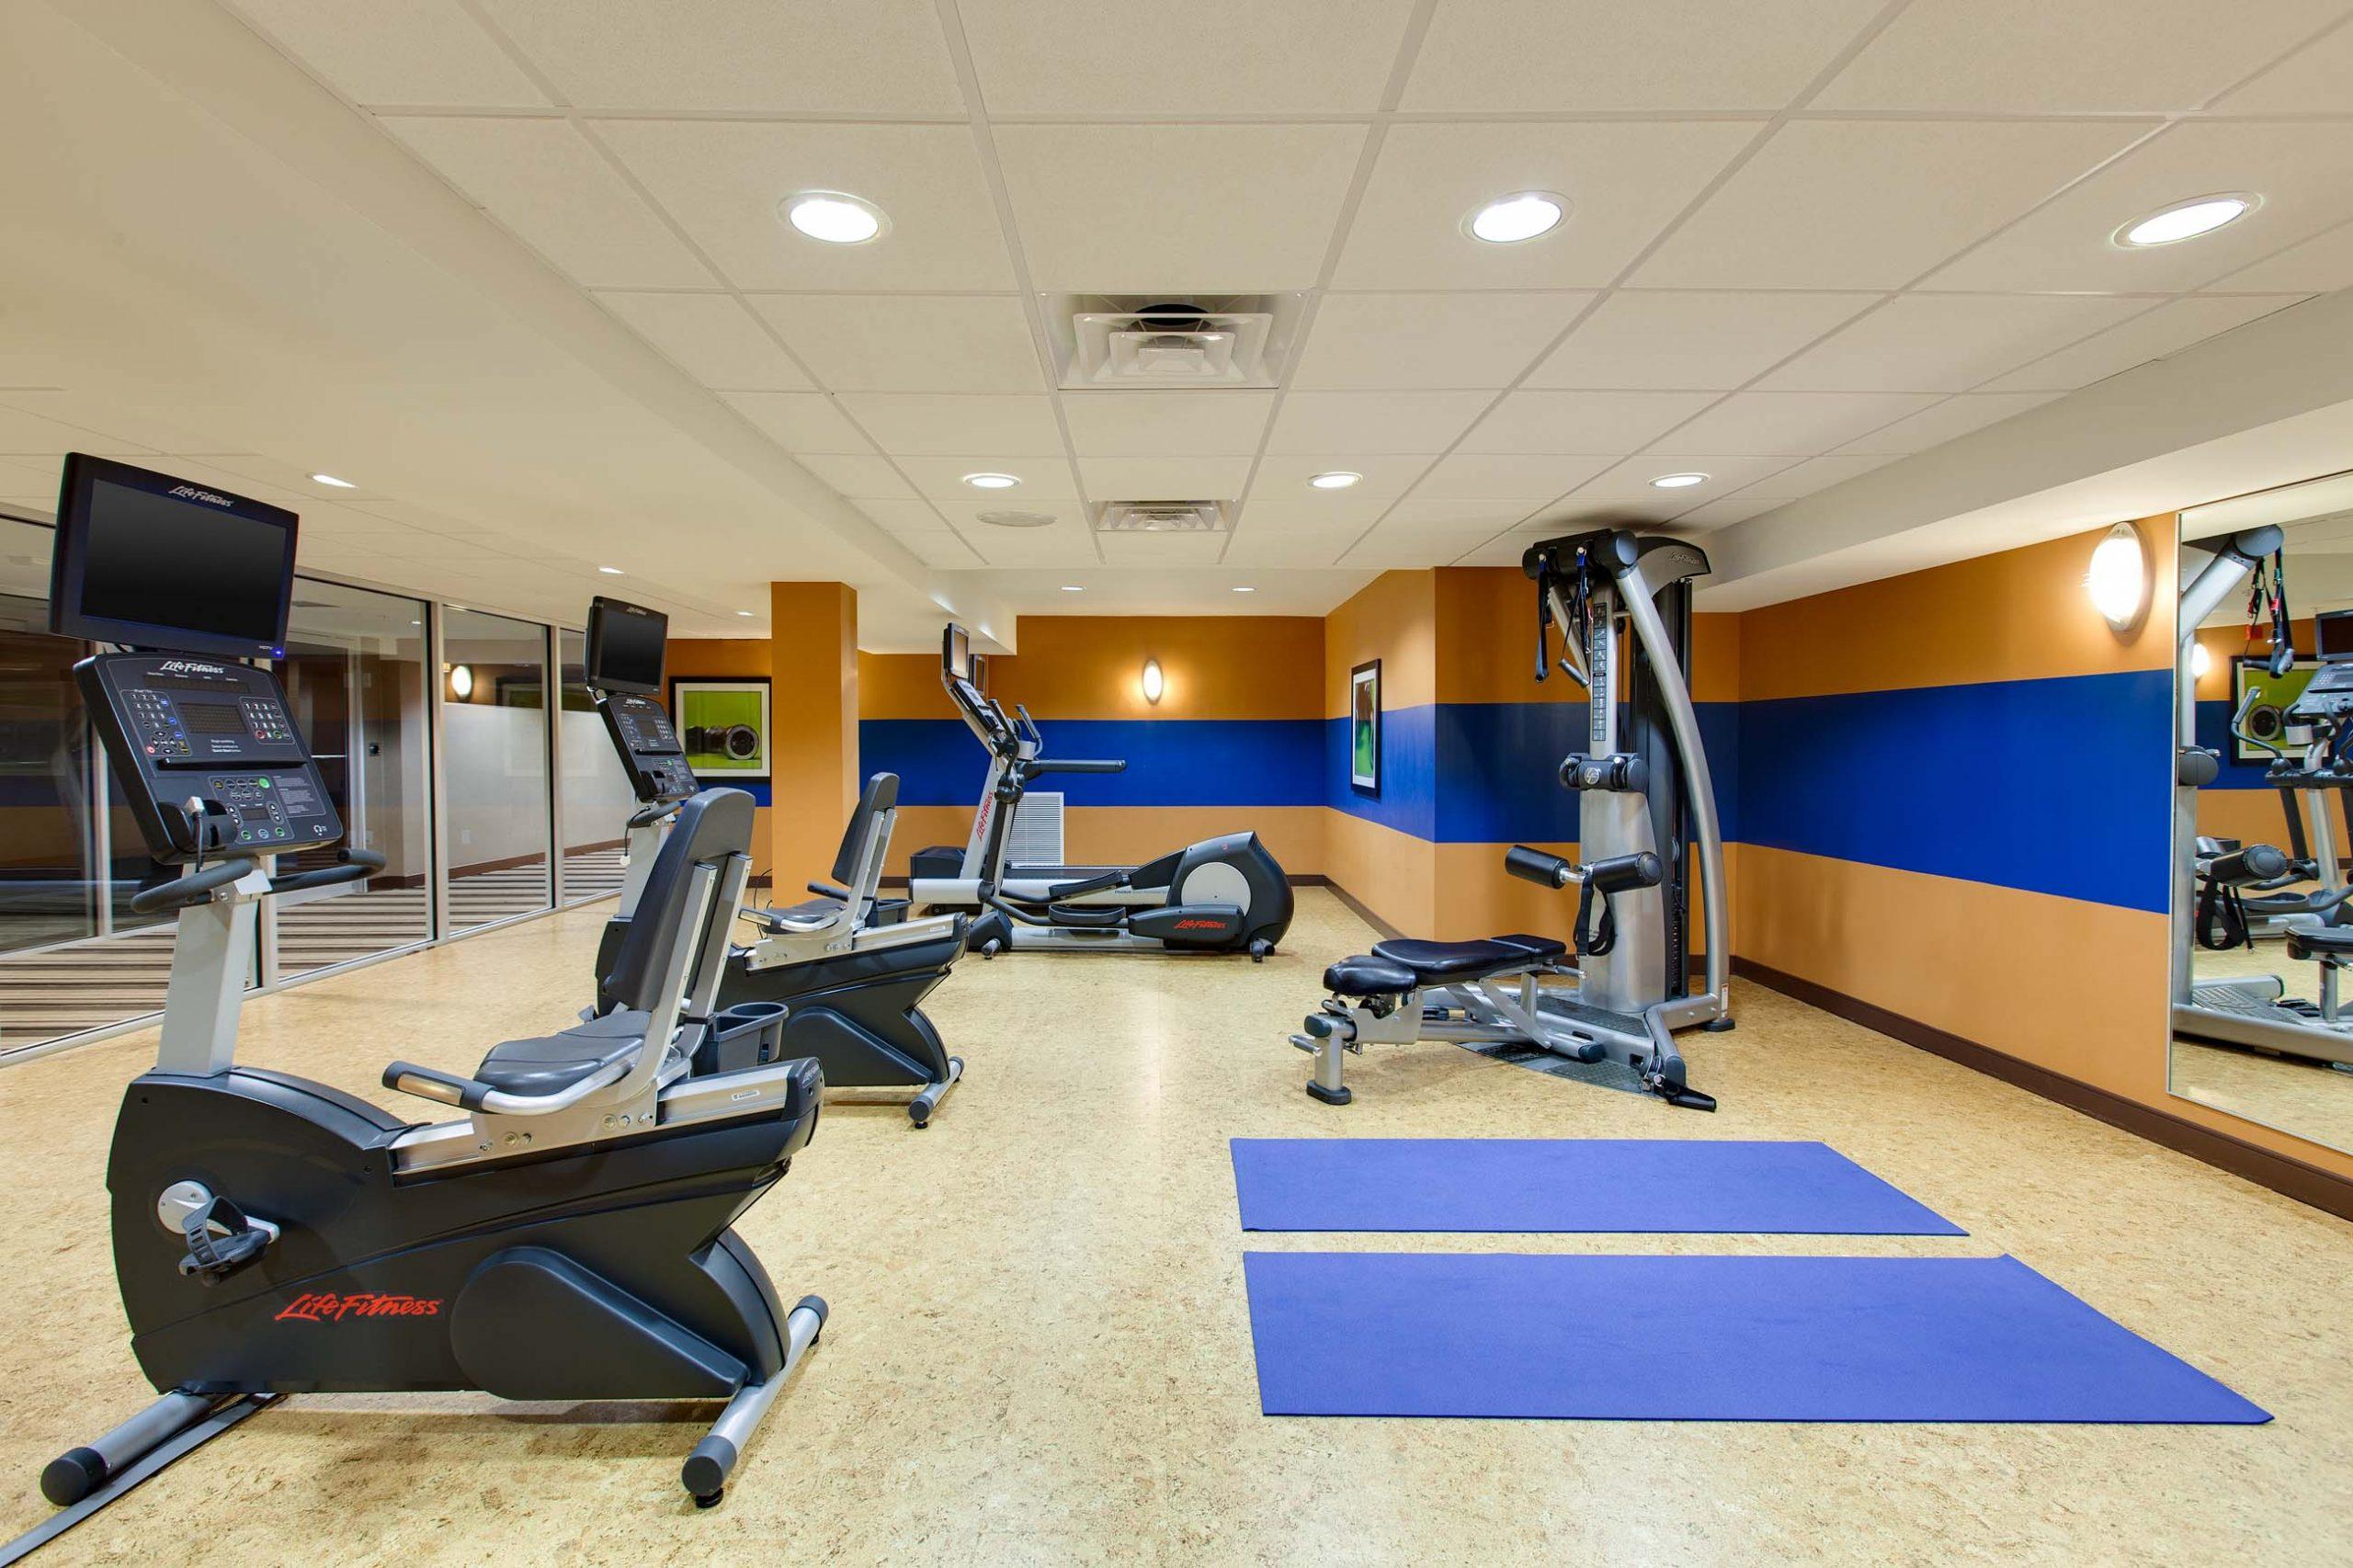 Niagara Riverside Resort - Fitness Center